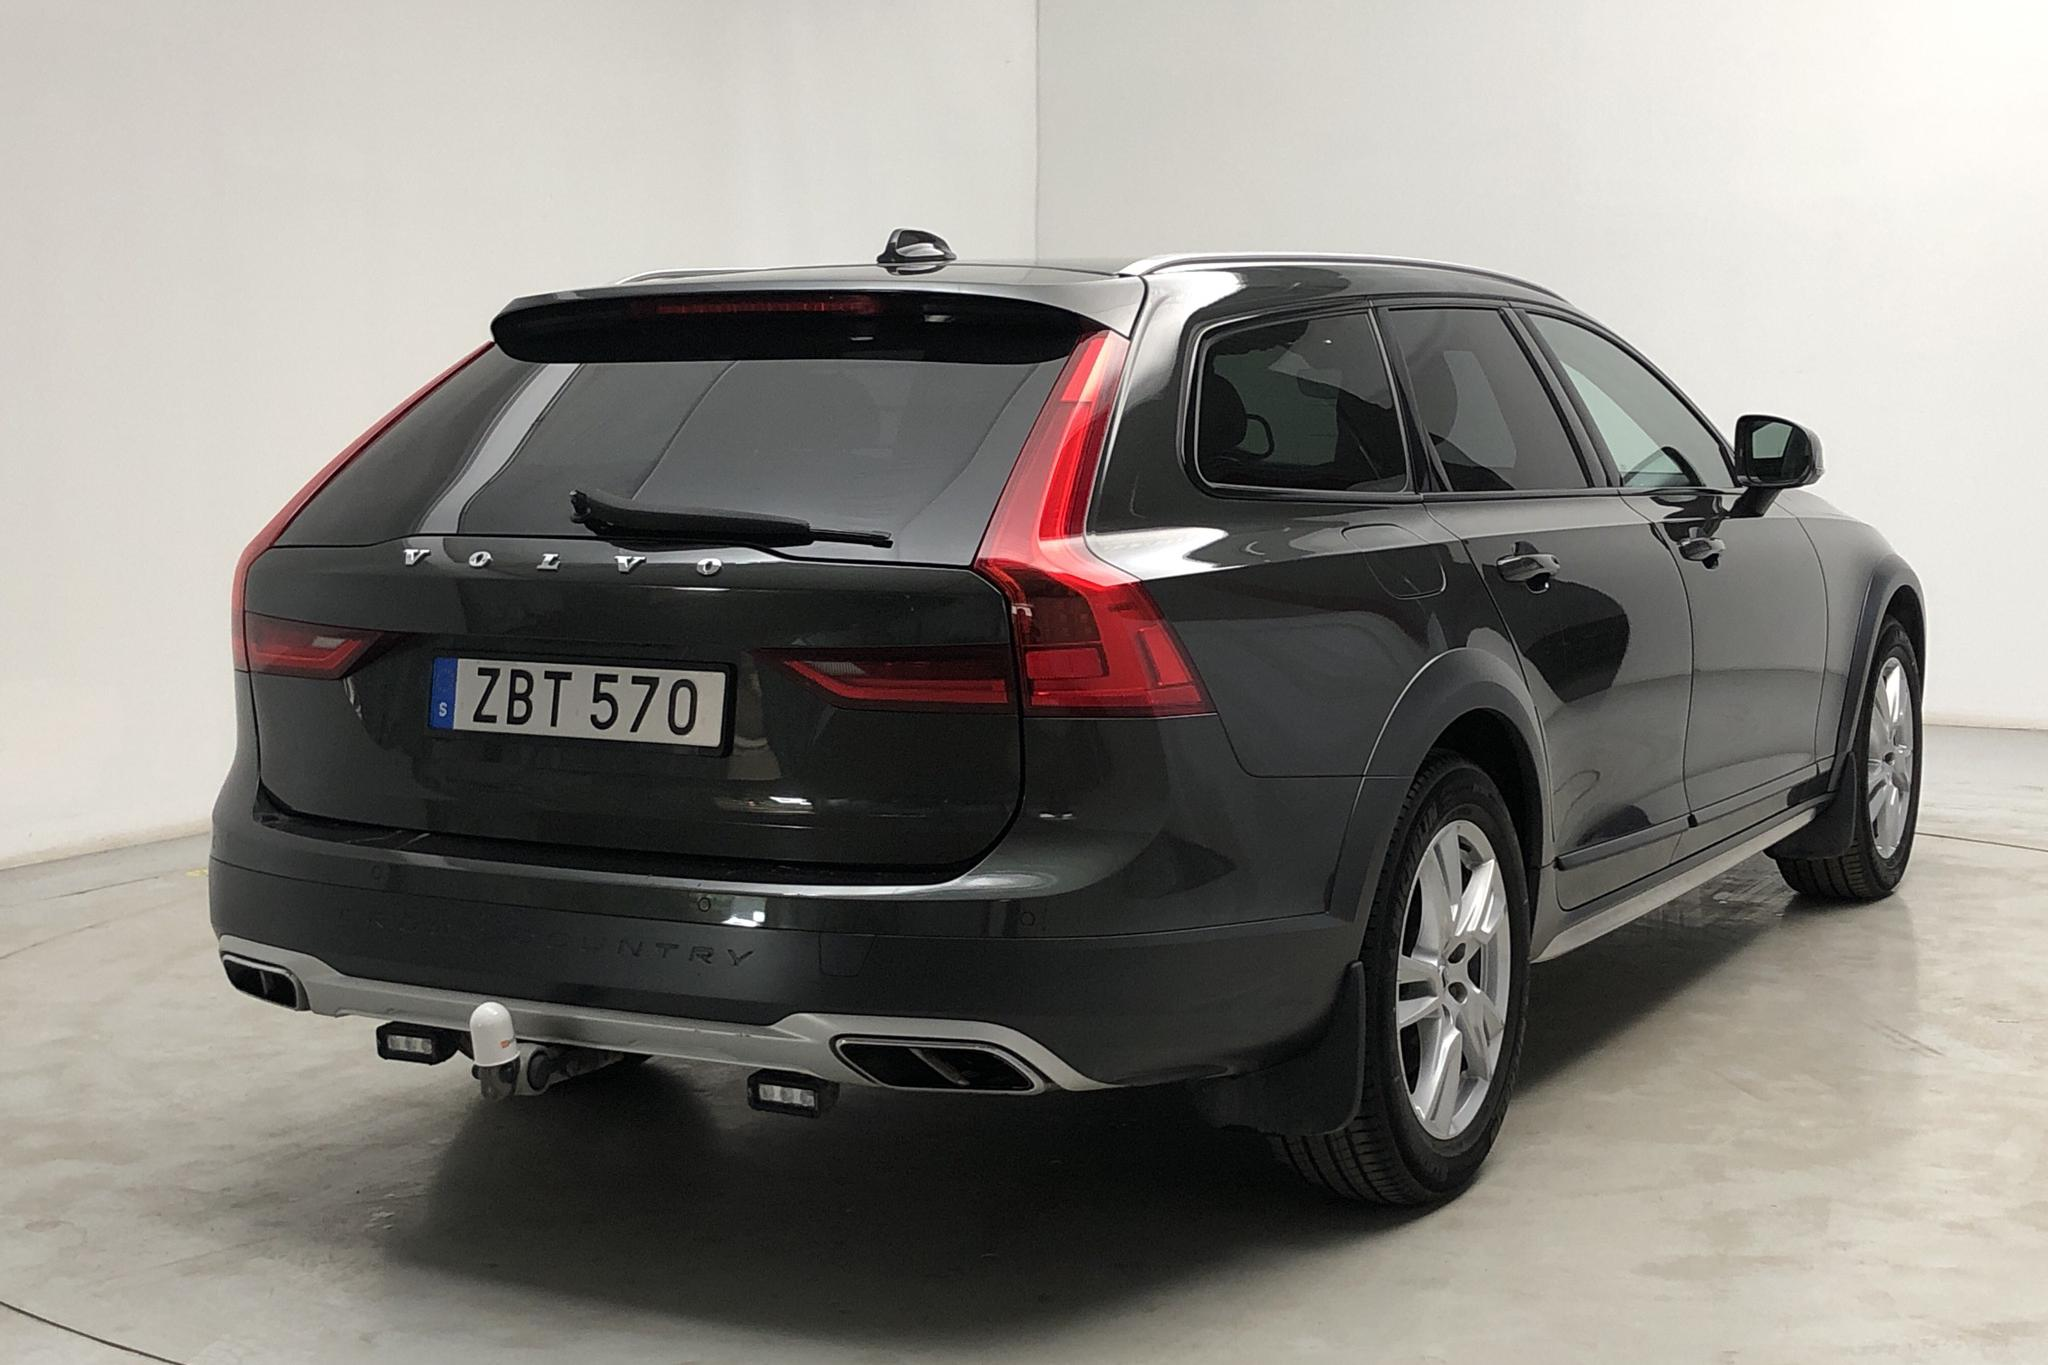 Volvo V90 D5 Cross Country AWD (235hk) - 108 090 km - Automatic - Dark Grey - 2018